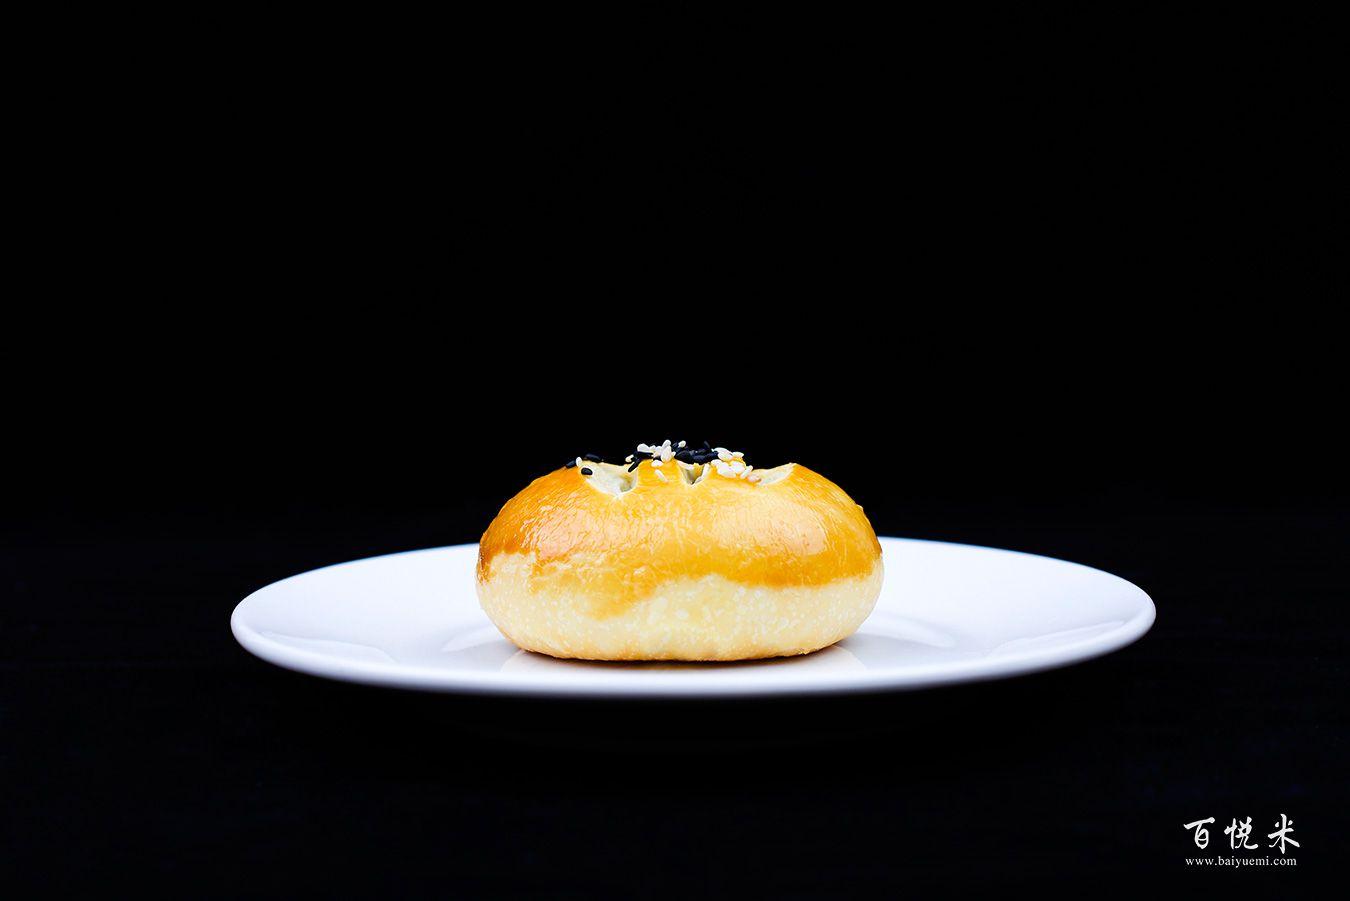 紫薯酥高清图片大全【蛋糕图片】_872